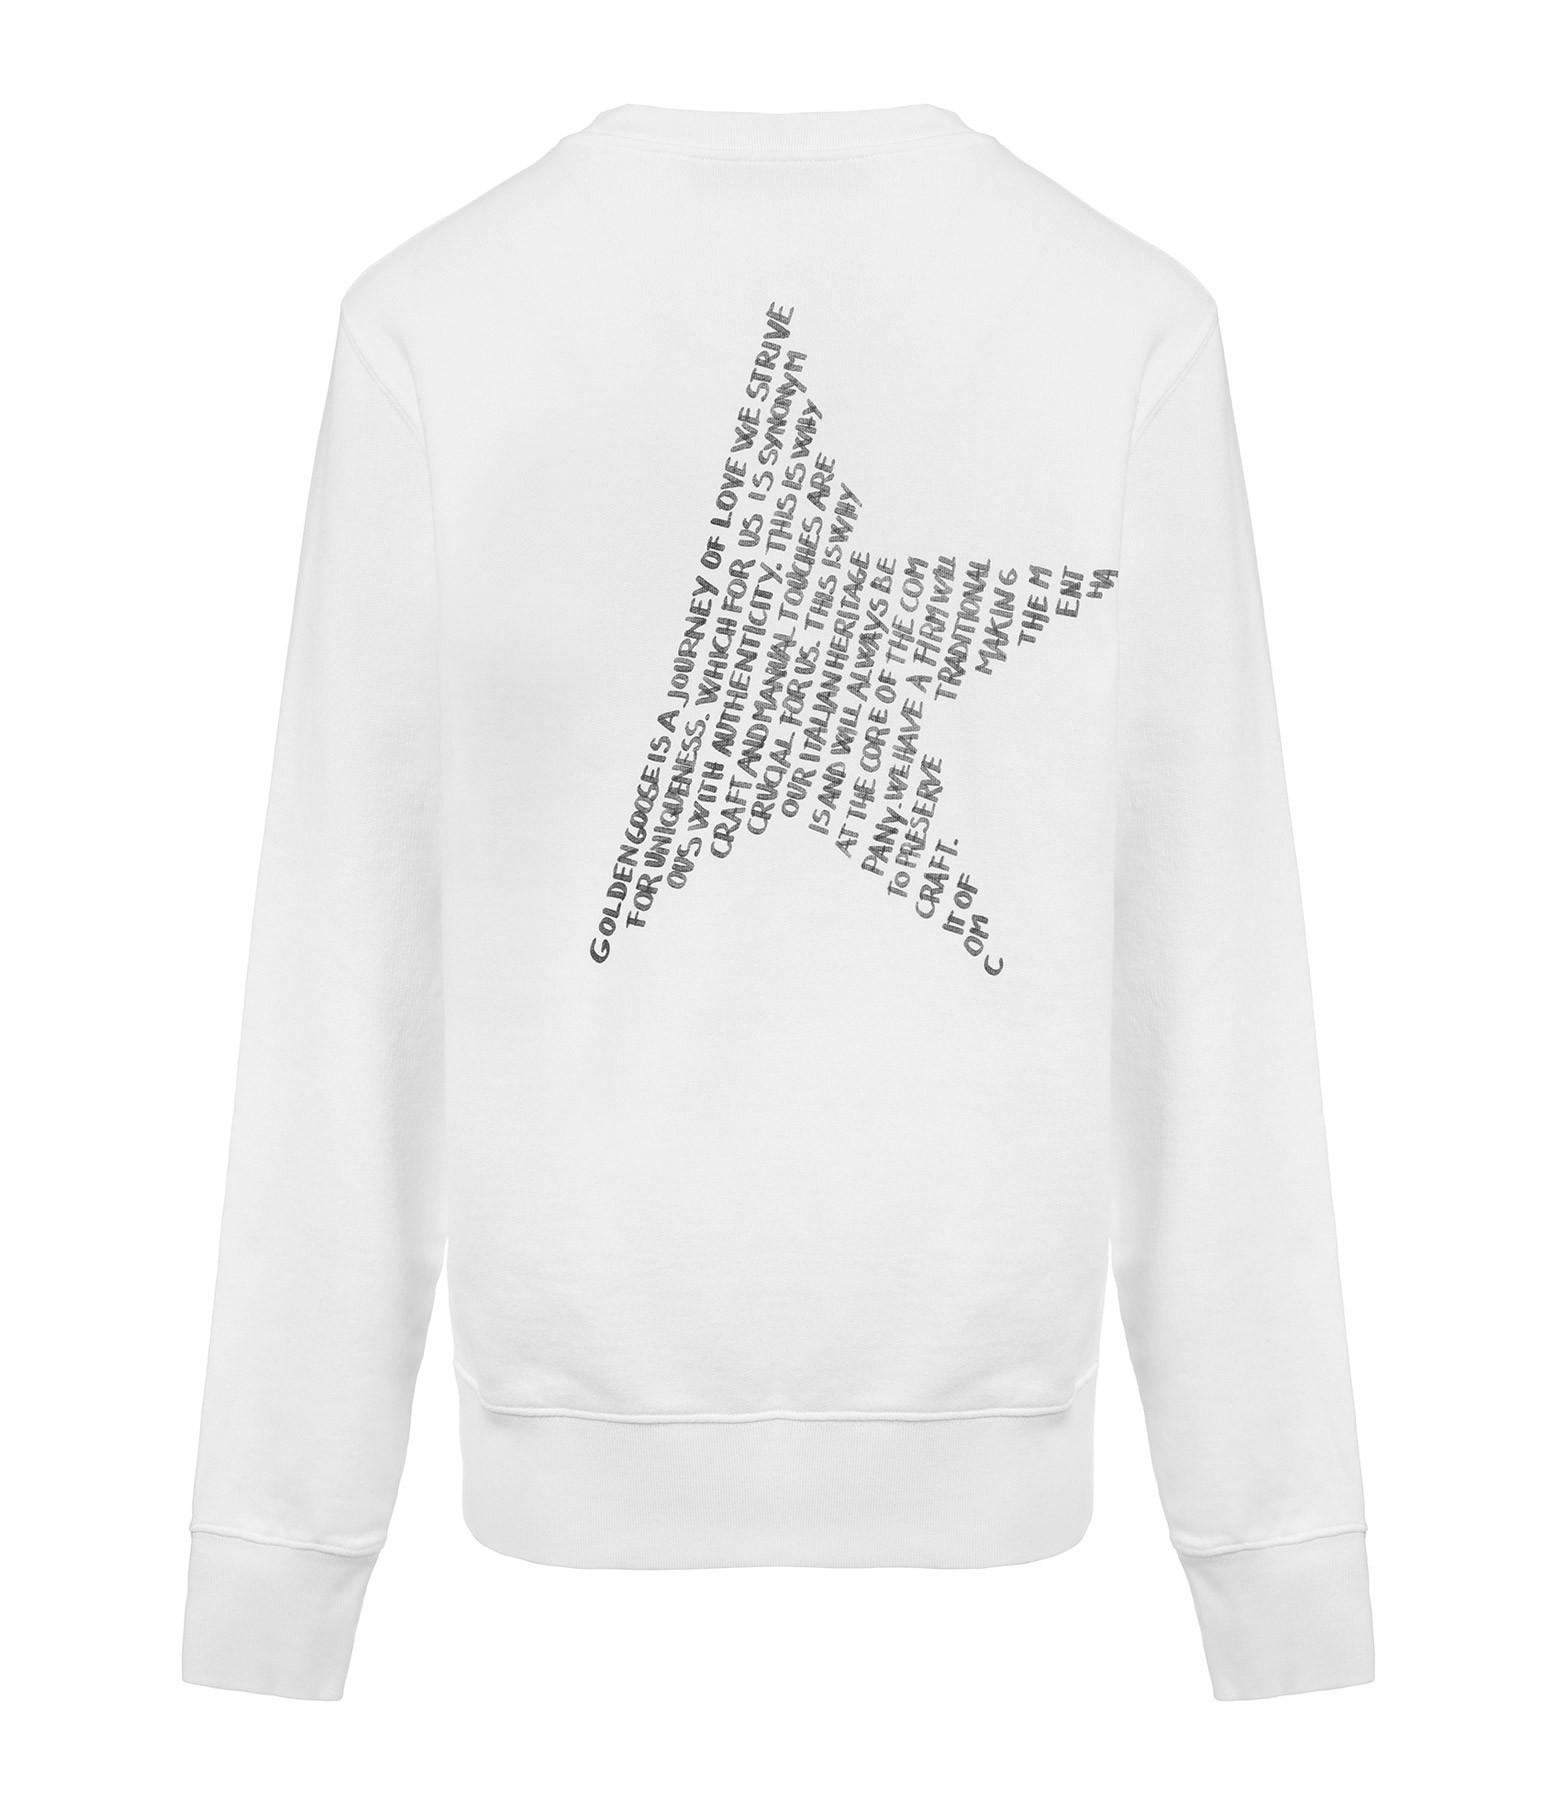 GOLDEN GOOSE - Sweatshirt Homme Archibald Étoile Coton Blanc Noir